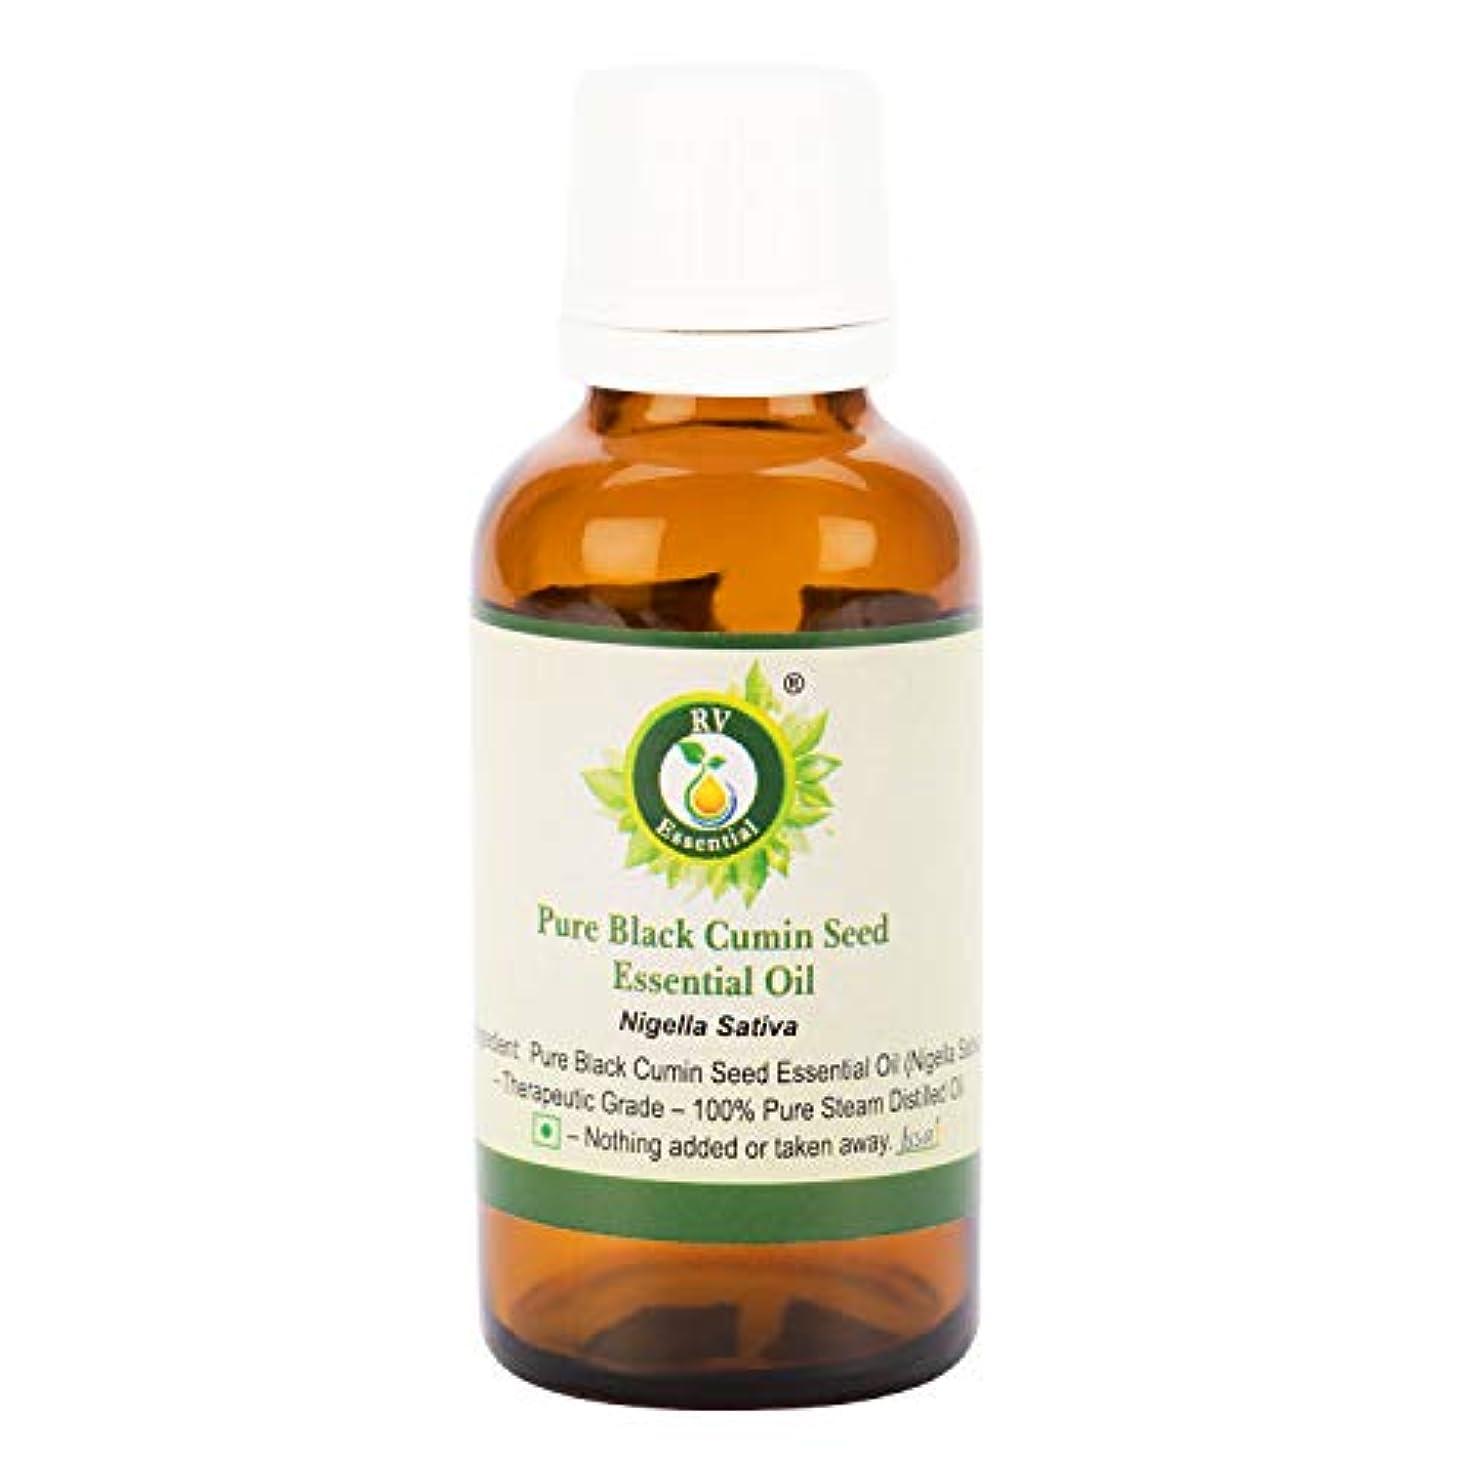 本を読む何よりもリフレッシュピュアブラッククミンシードエッセンシャルオイル5ml (0.169oz)- Nigella Sativa (100%純粋&天然スチームDistilled) Pure Black Cumin Seed Essential...